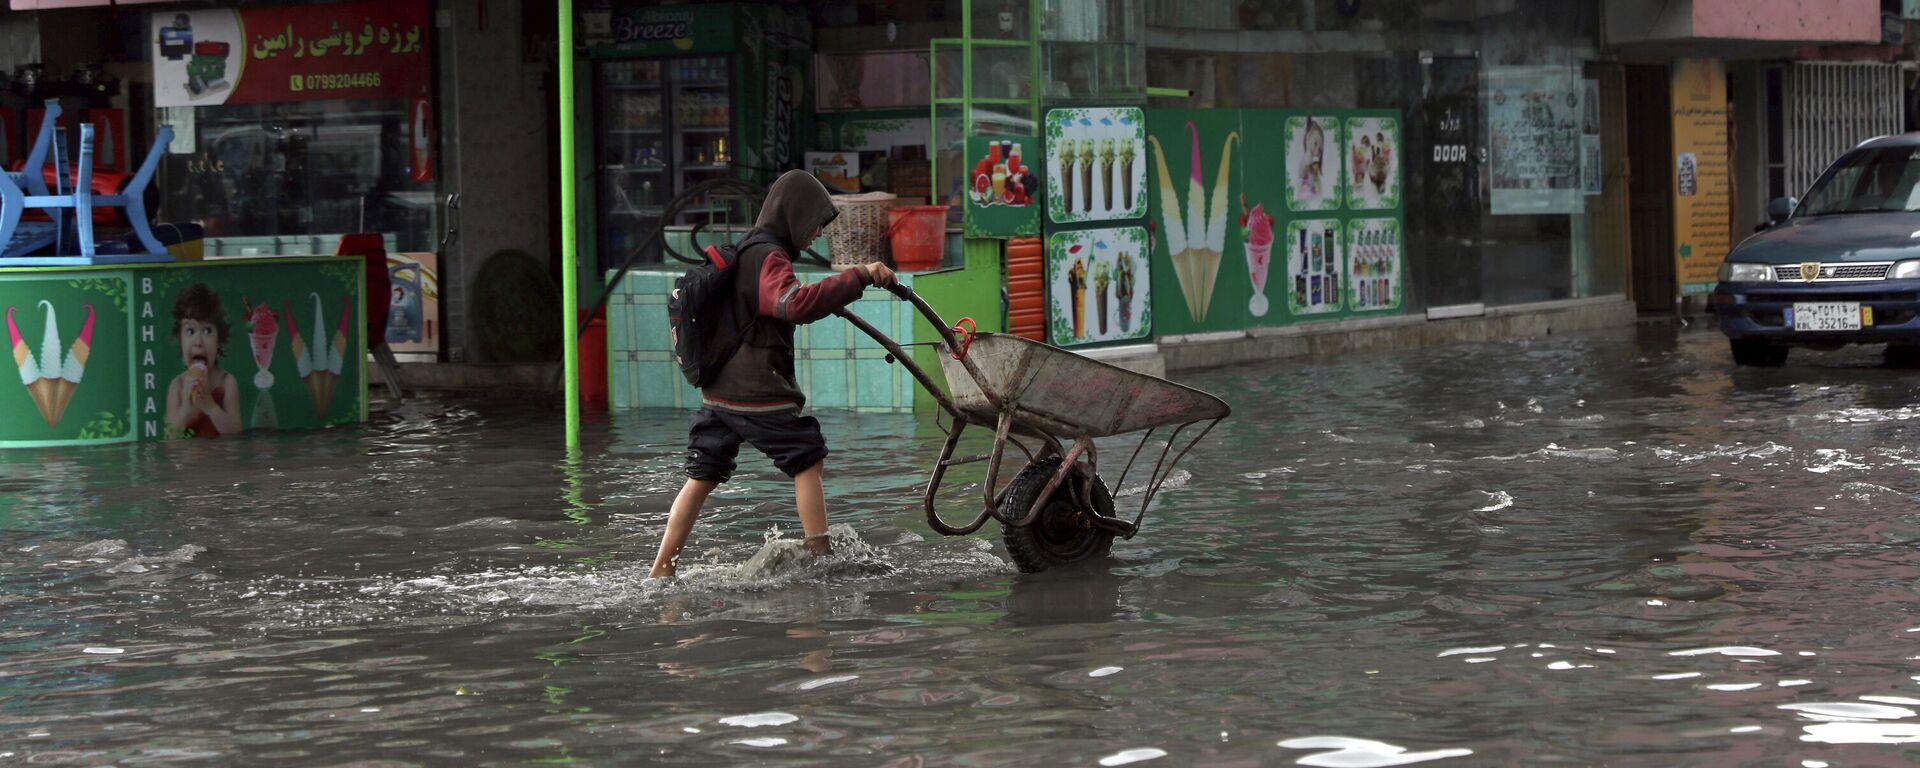 Inundación en Afganistán por las fuertes lluvias - Sputnik Mundo, 1920, 23.09.2021